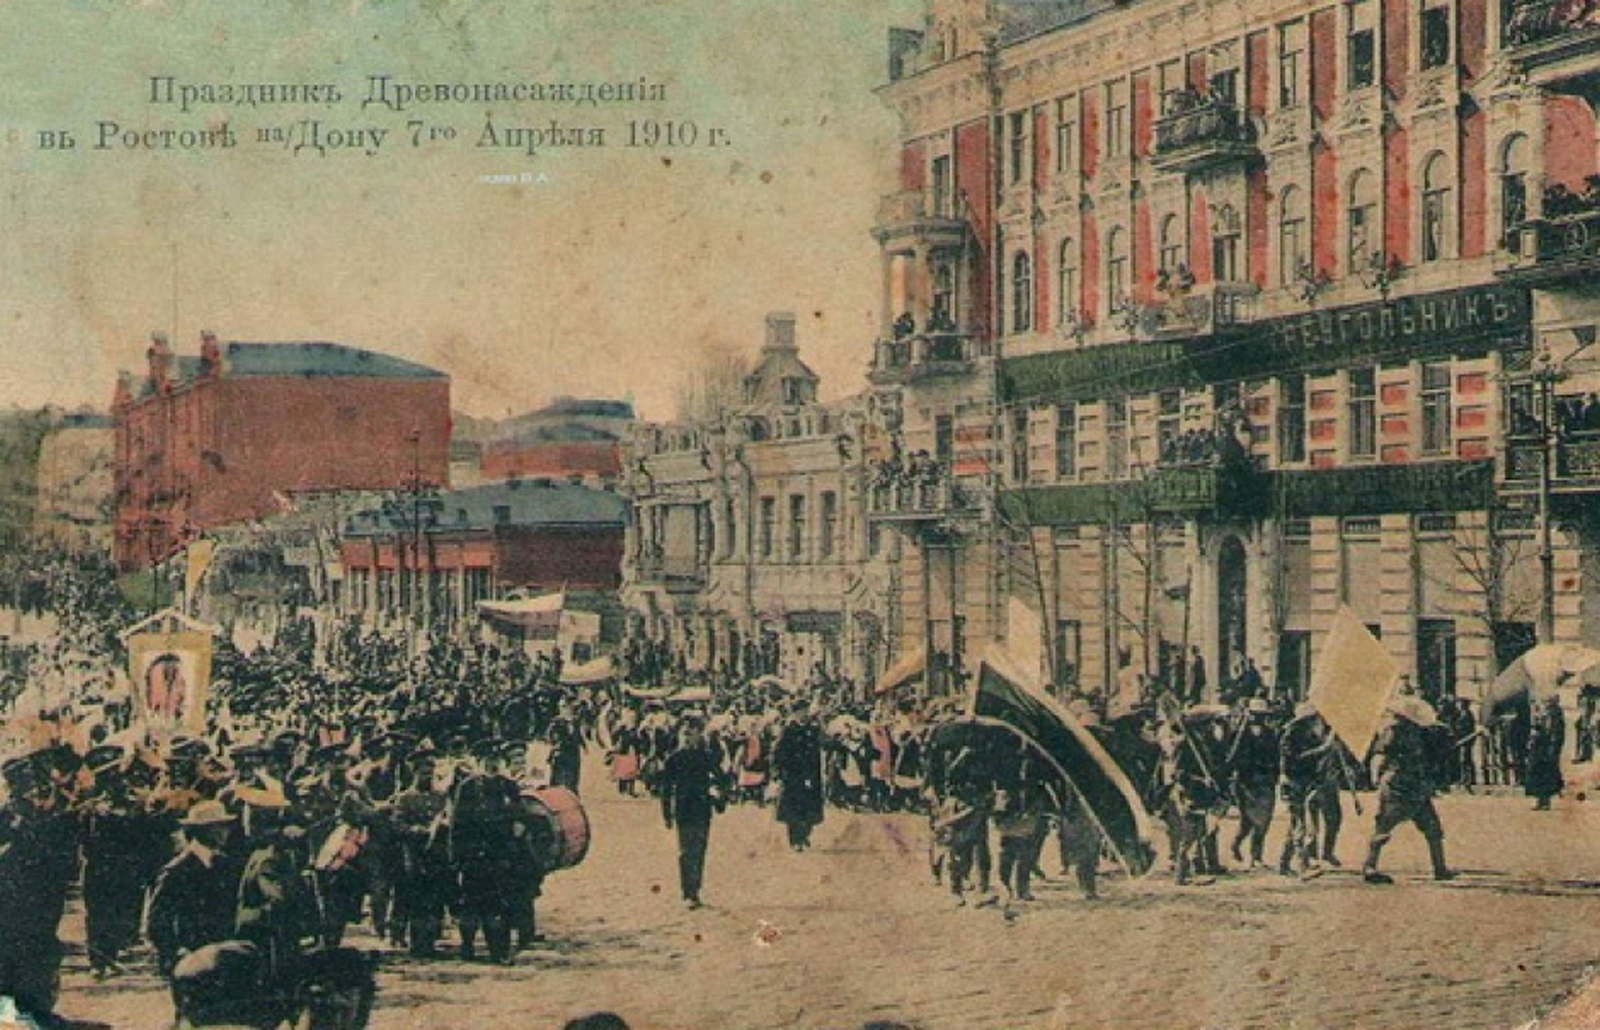 Праздник древонасаждения в Ростове-на-Дону 7 апреля 1910